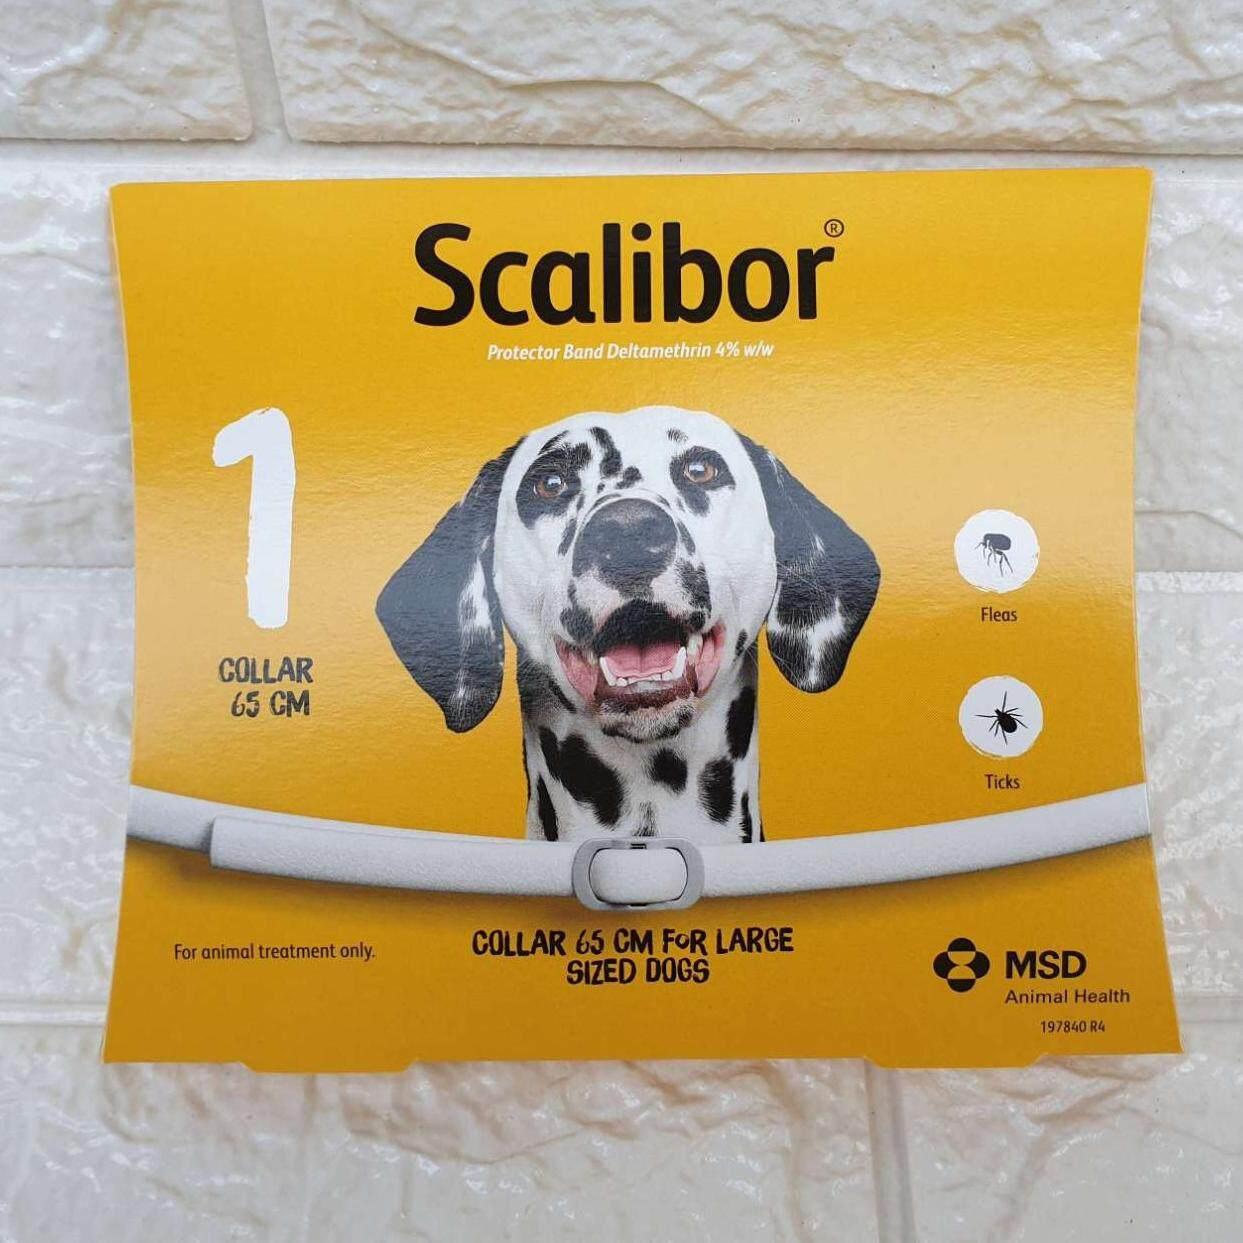 ปลอกคอ Msd Scalibor ป้องกันและกำจัดเห็บหมัด สำหรับสุนัข ยาว 65cm กันน้ำ ใช้นาน 3 เดือน  (1 เส้น).